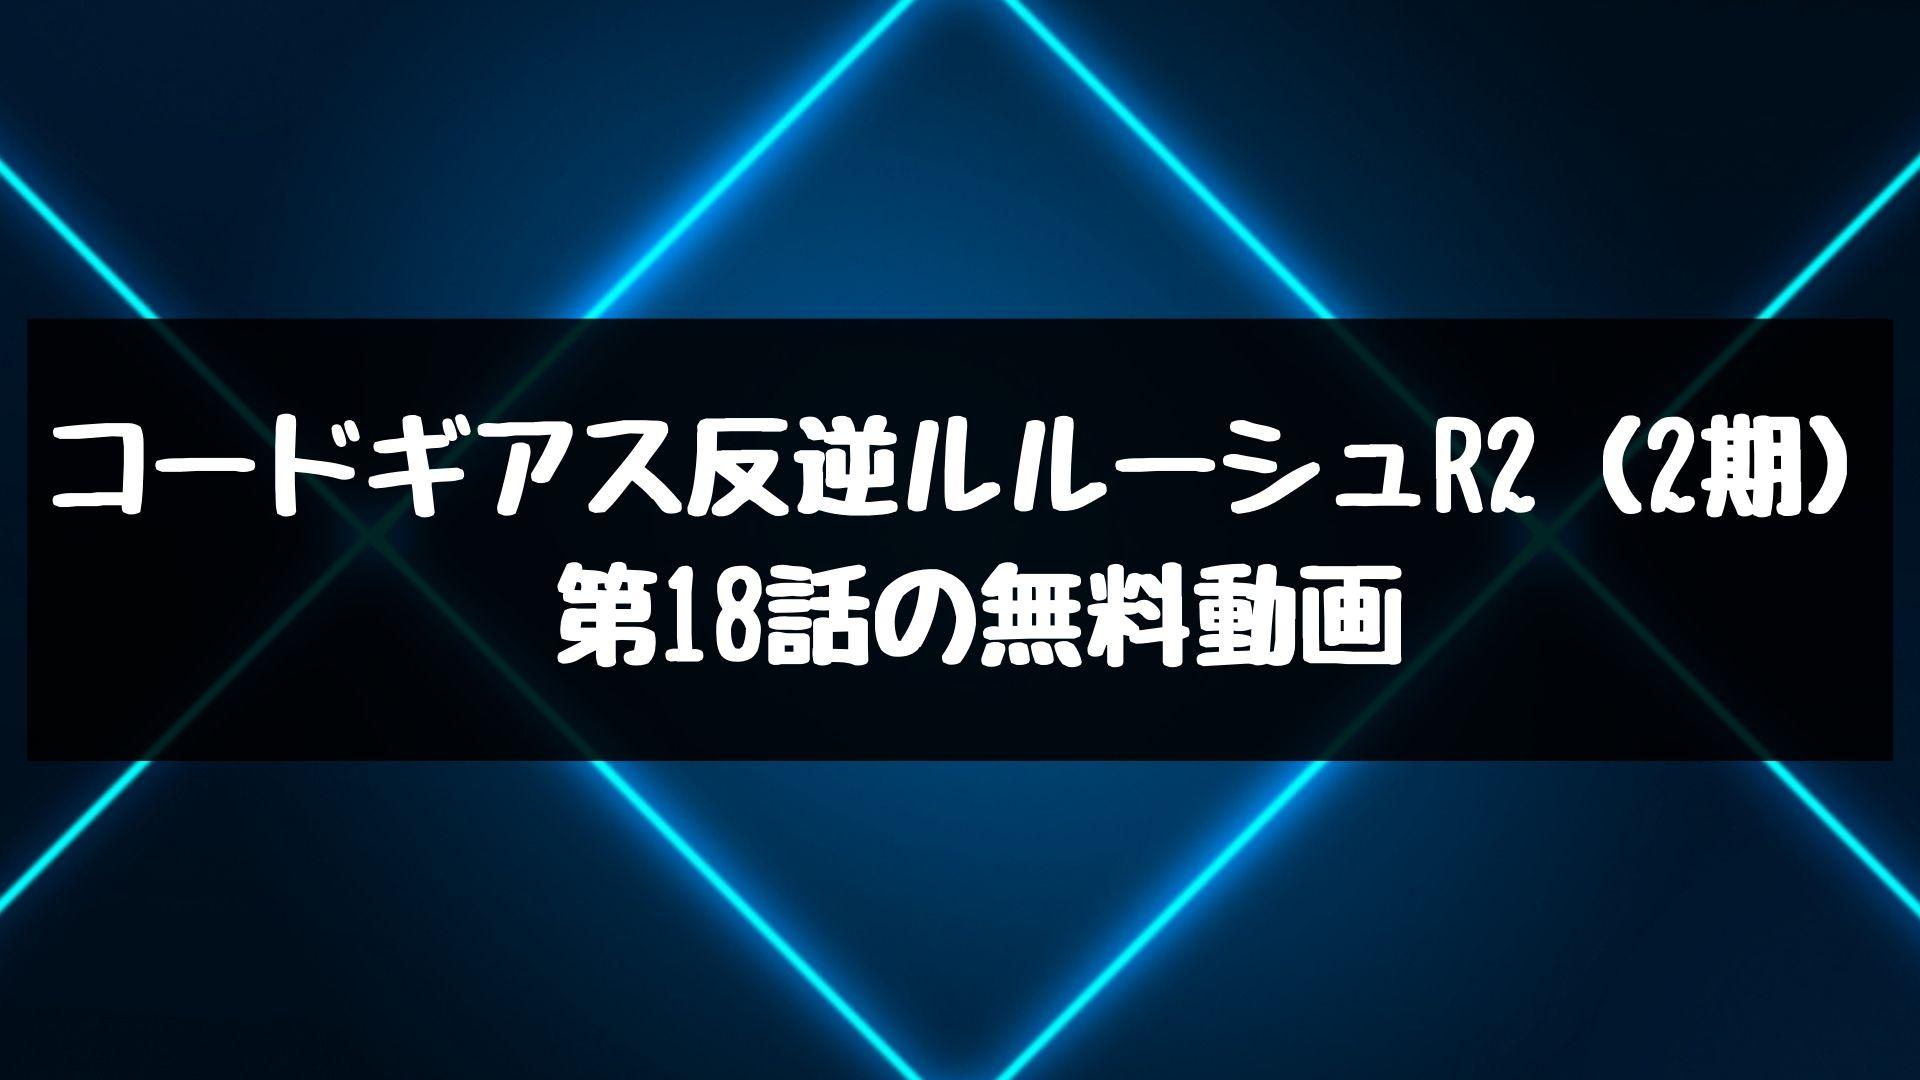 コードギアス反逆ルルーシュR2(2期) 第18話の無料動画